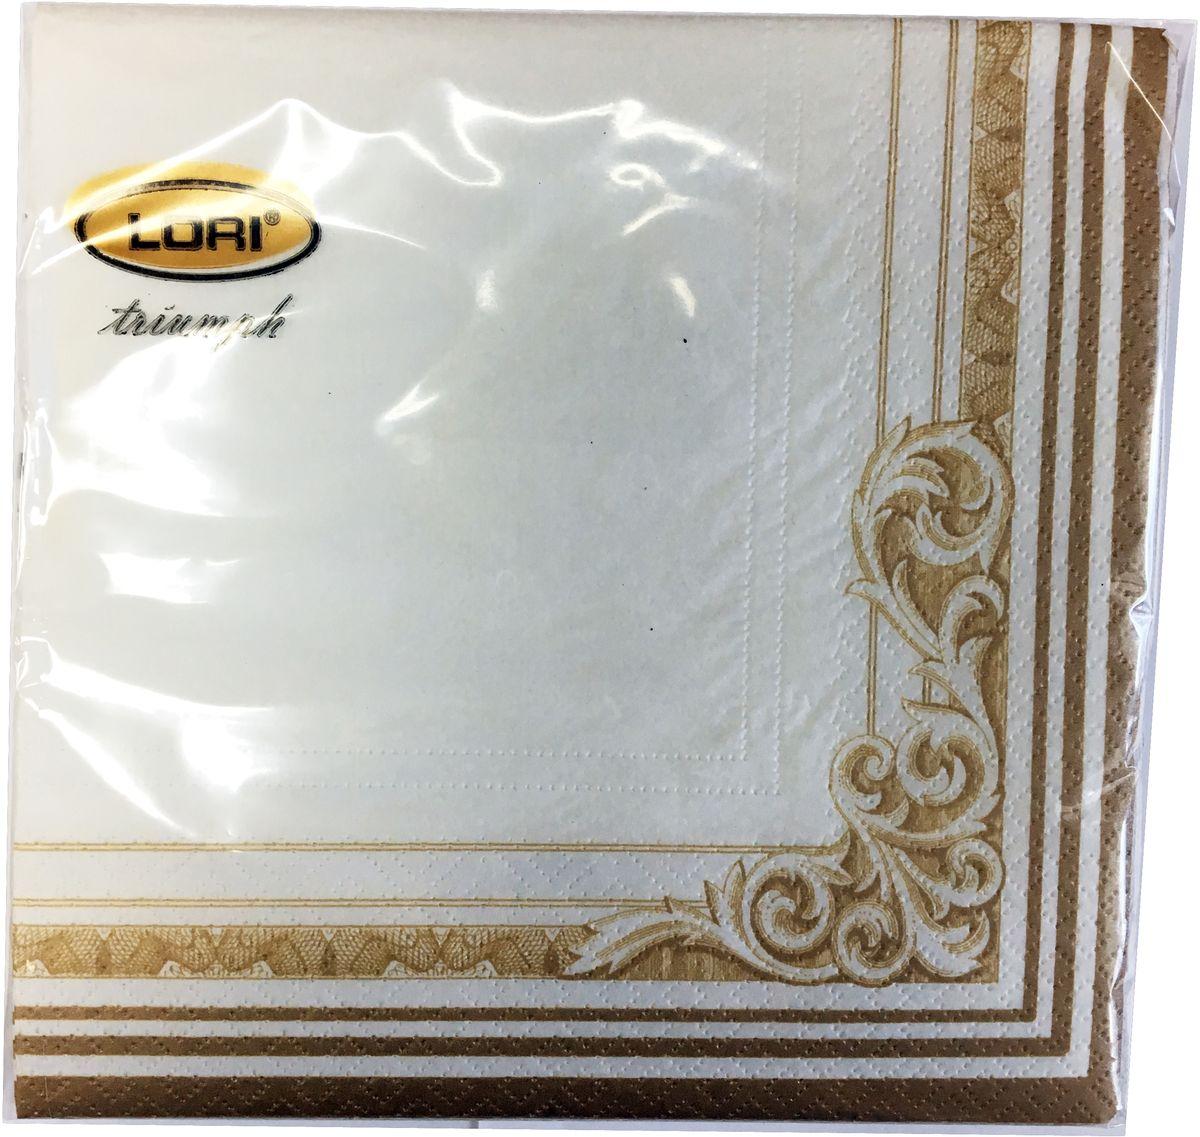 Салфетки бумажные Lori Triumph, трехслойные, цвет: коричневый, белый, 33 х 33 см, 20 шт. 5622856228Декоративные трехслойные салфетки Lori Triumph выполнены из 100% целлюлозы и оформлены ярким рисунком. Изделия станут отличным дополнением любого праздничного стола. Они отличаются необычной мягкостью, прочностью и оригинальностью.Размер салфеток в развернутом виде: 33 х 33 см.